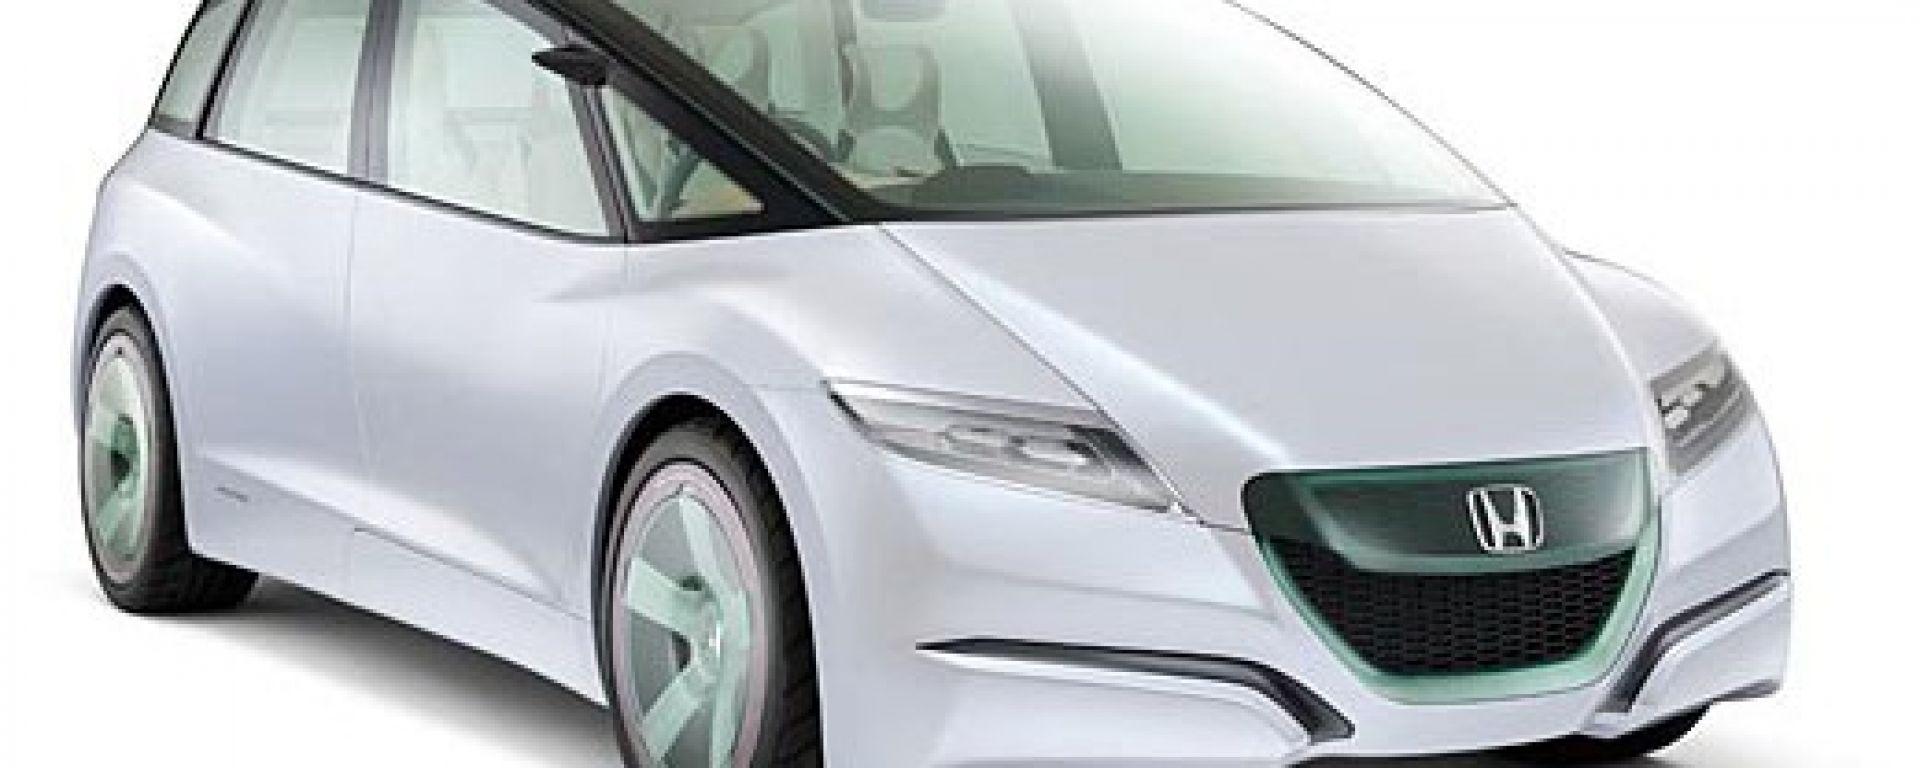 Honda Skydeck